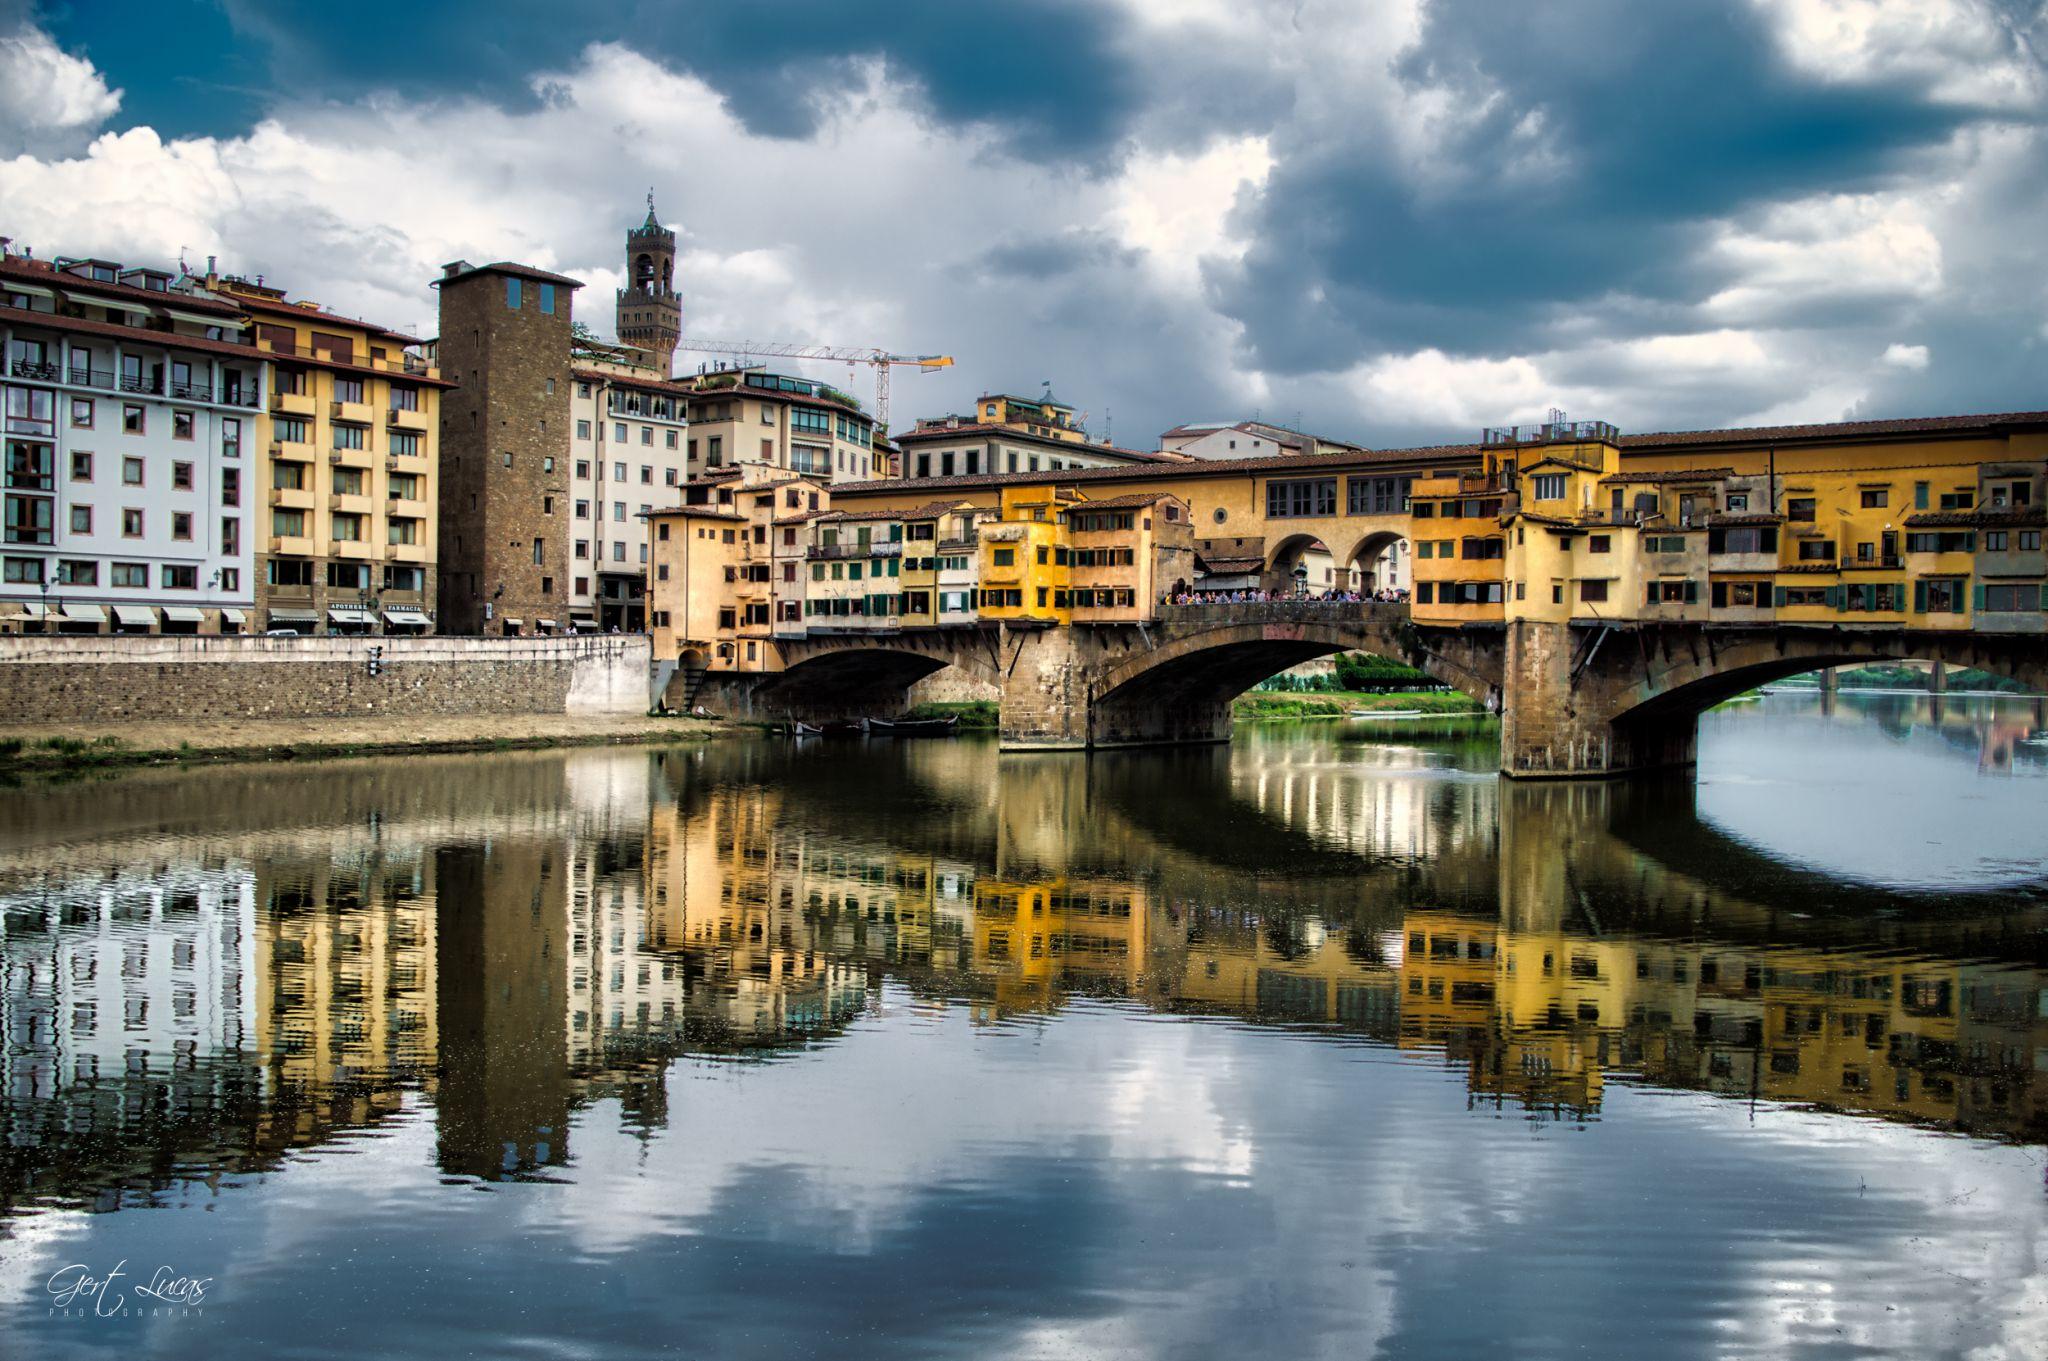 Firenze - Arnoriver - From Hotel Lugarno, Italy